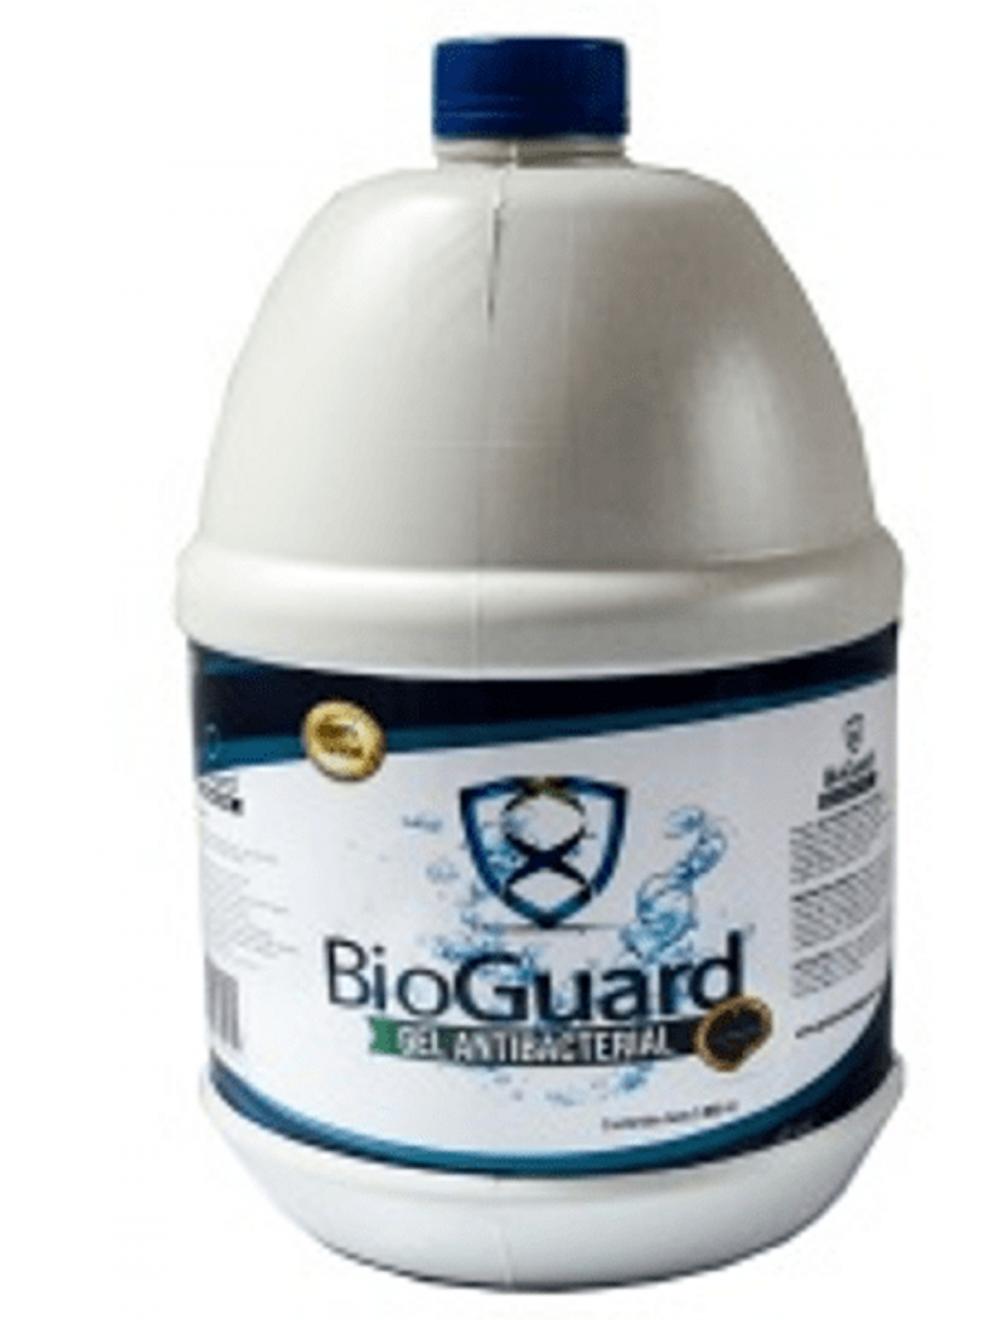 Bioguard Gel Antibacterial 3800 ml